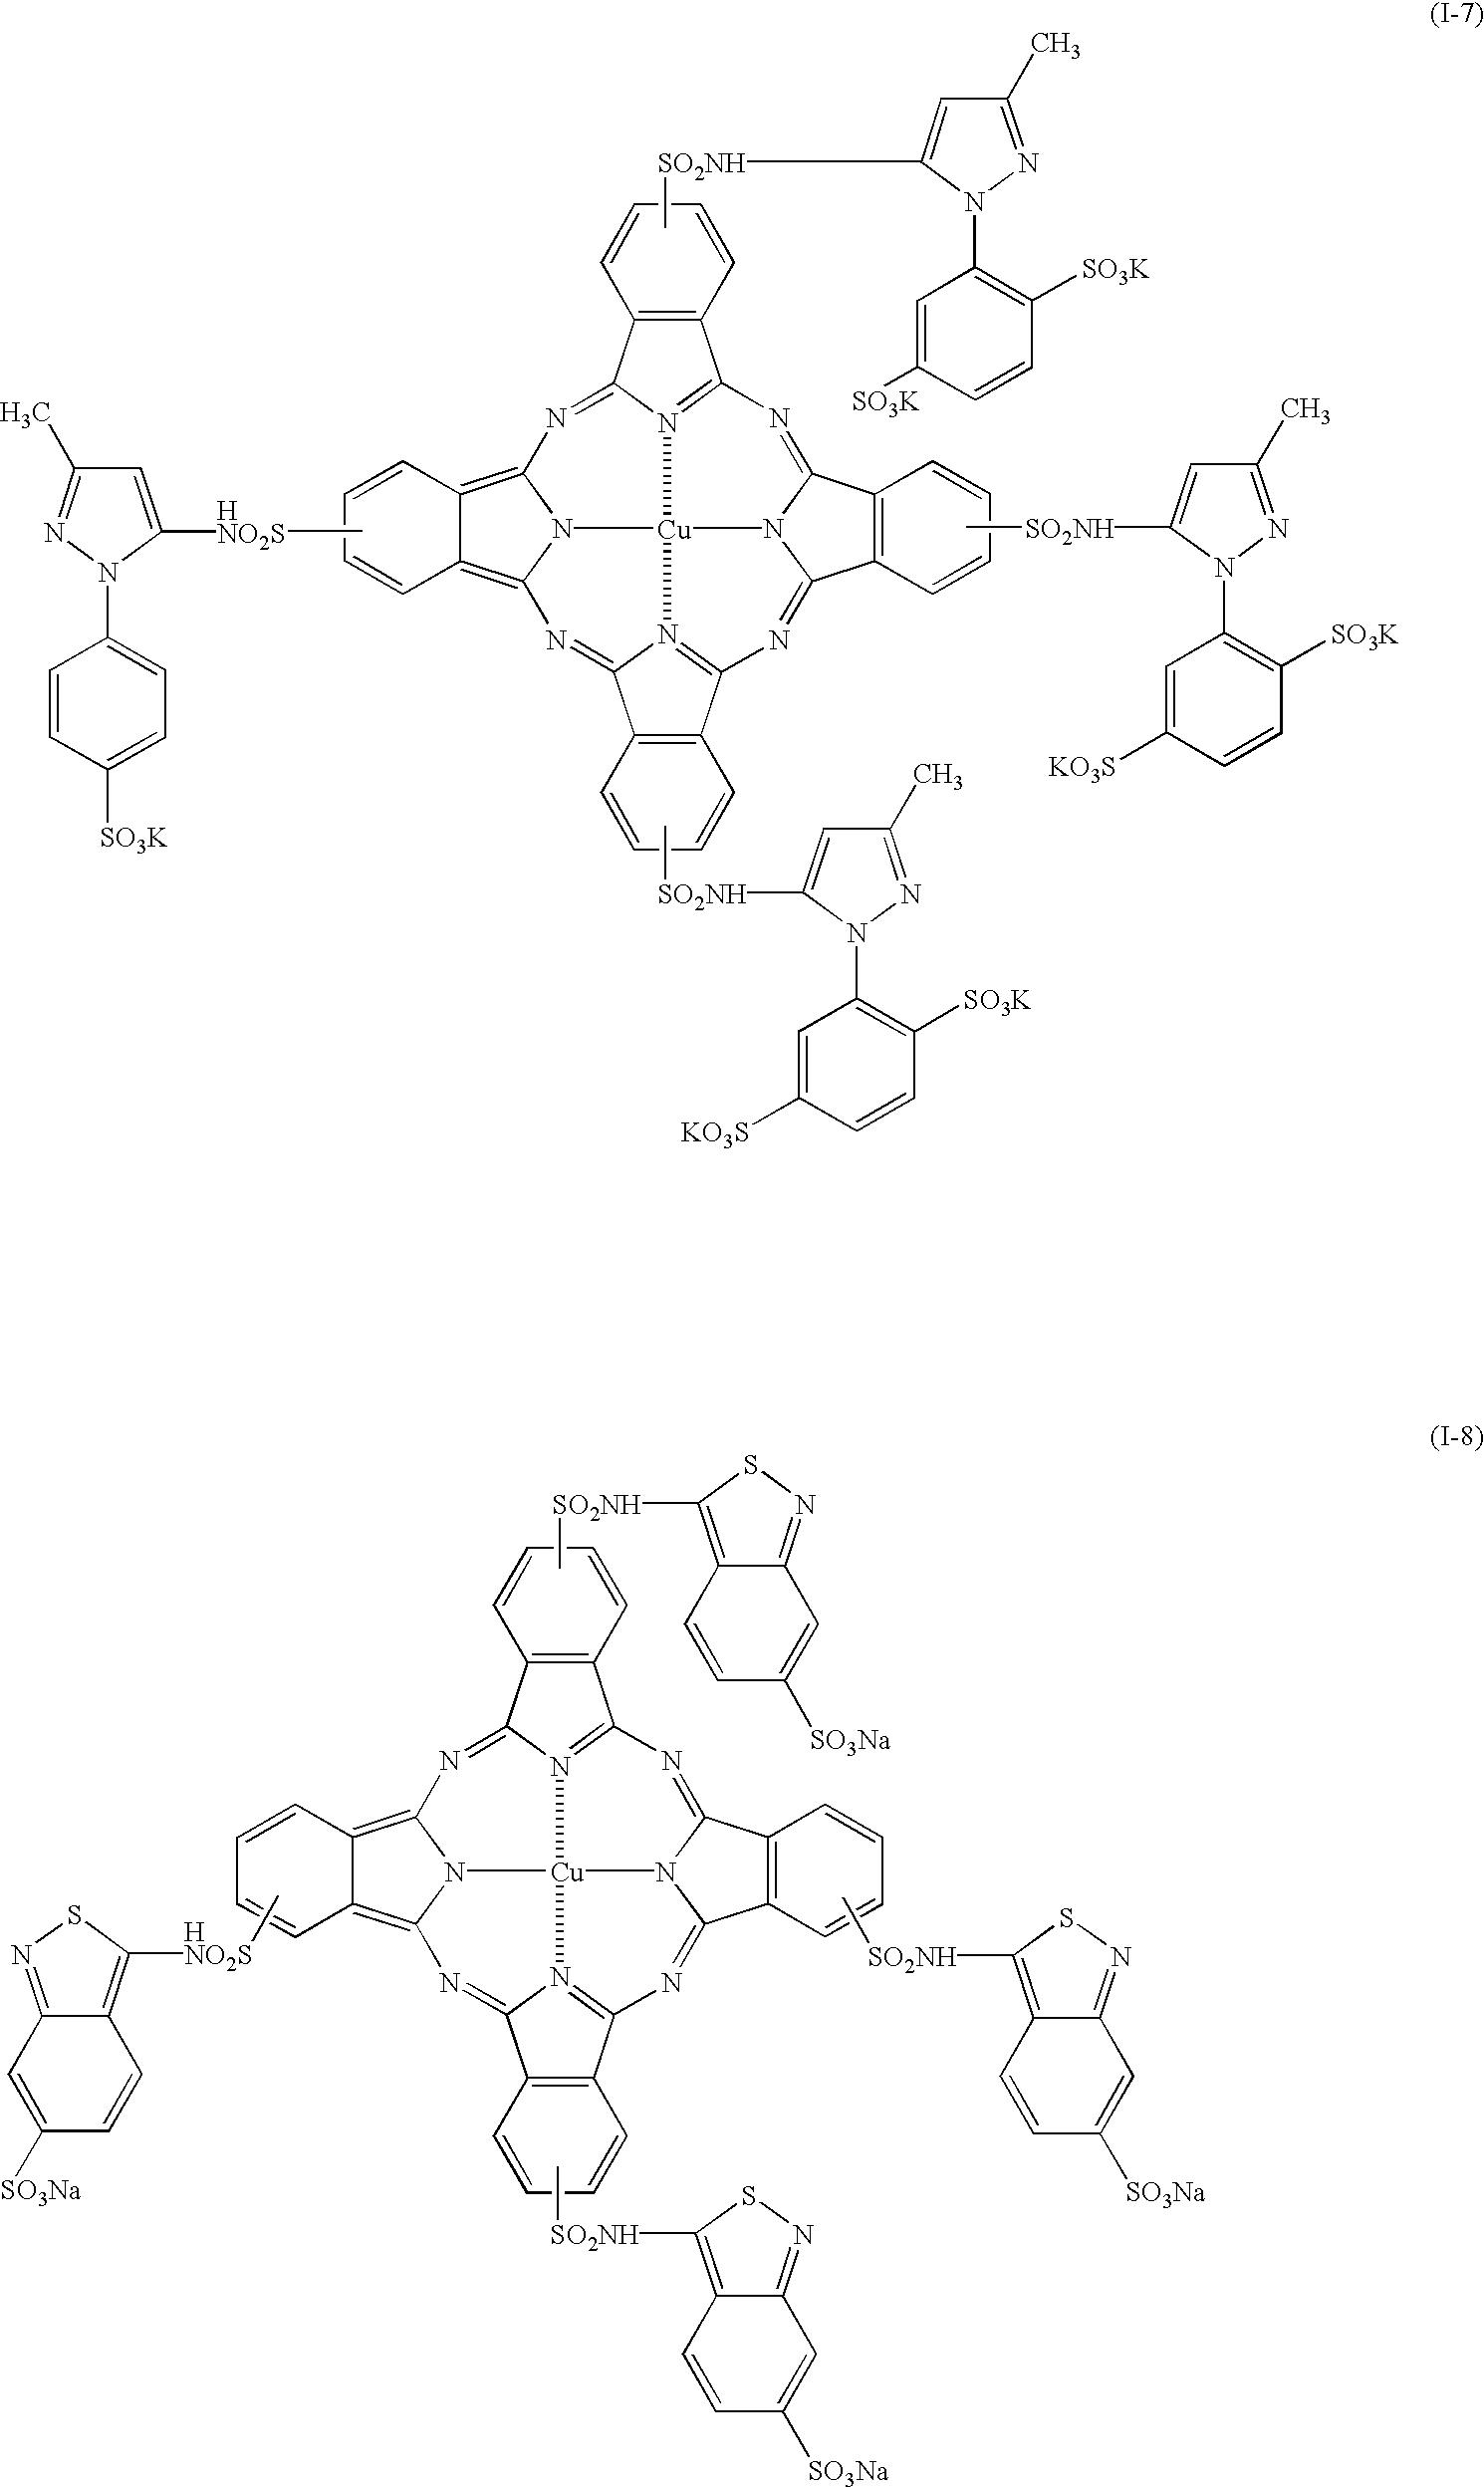 Figure US20030217671A1-20031127-C00009